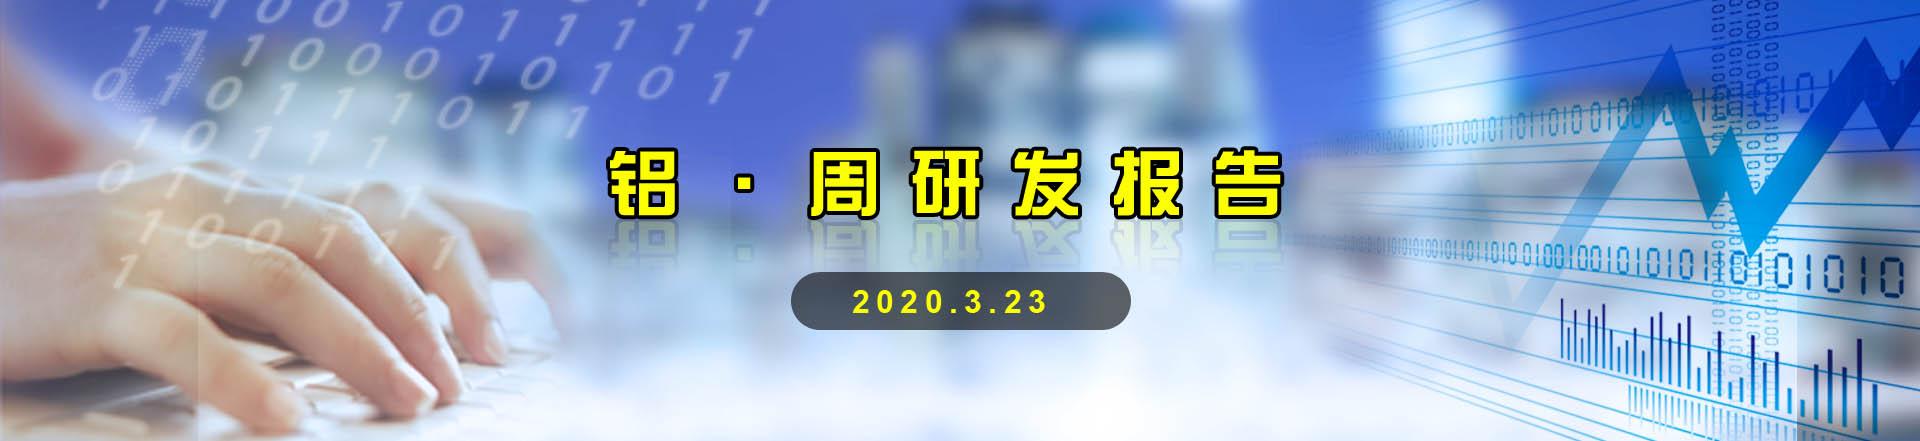 【铝】铝·周研发报告集锦 20200323